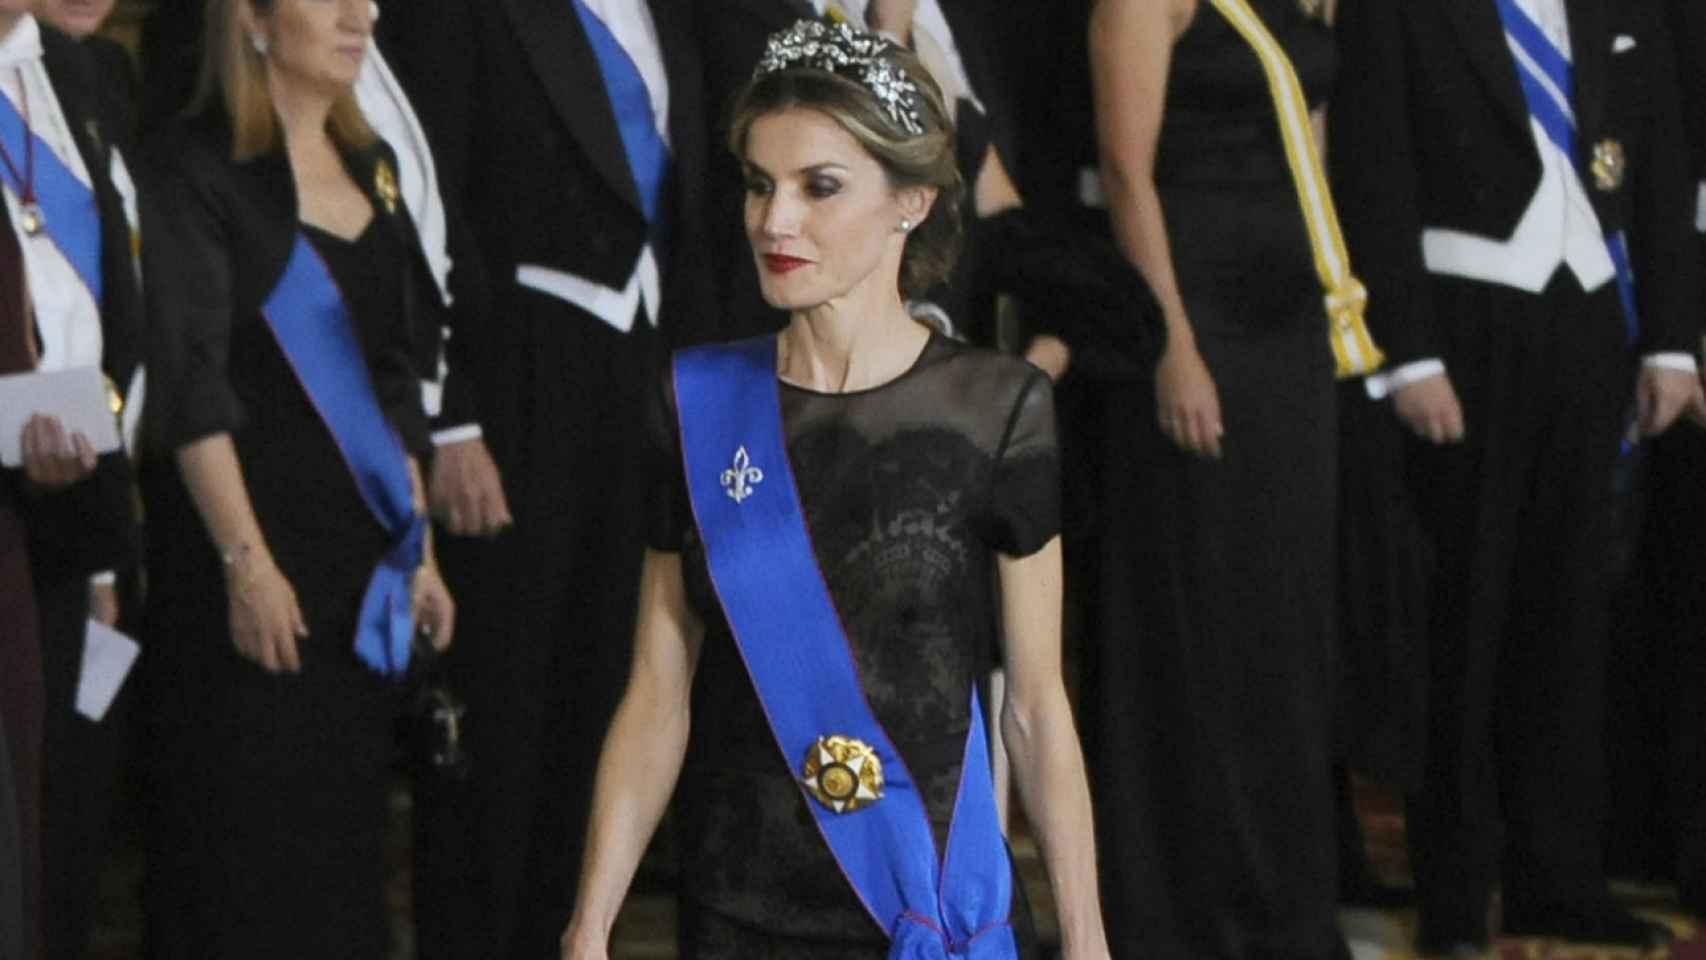 La reina Letizia, con un estilismo casi idéntico al que lucirá en el museo.